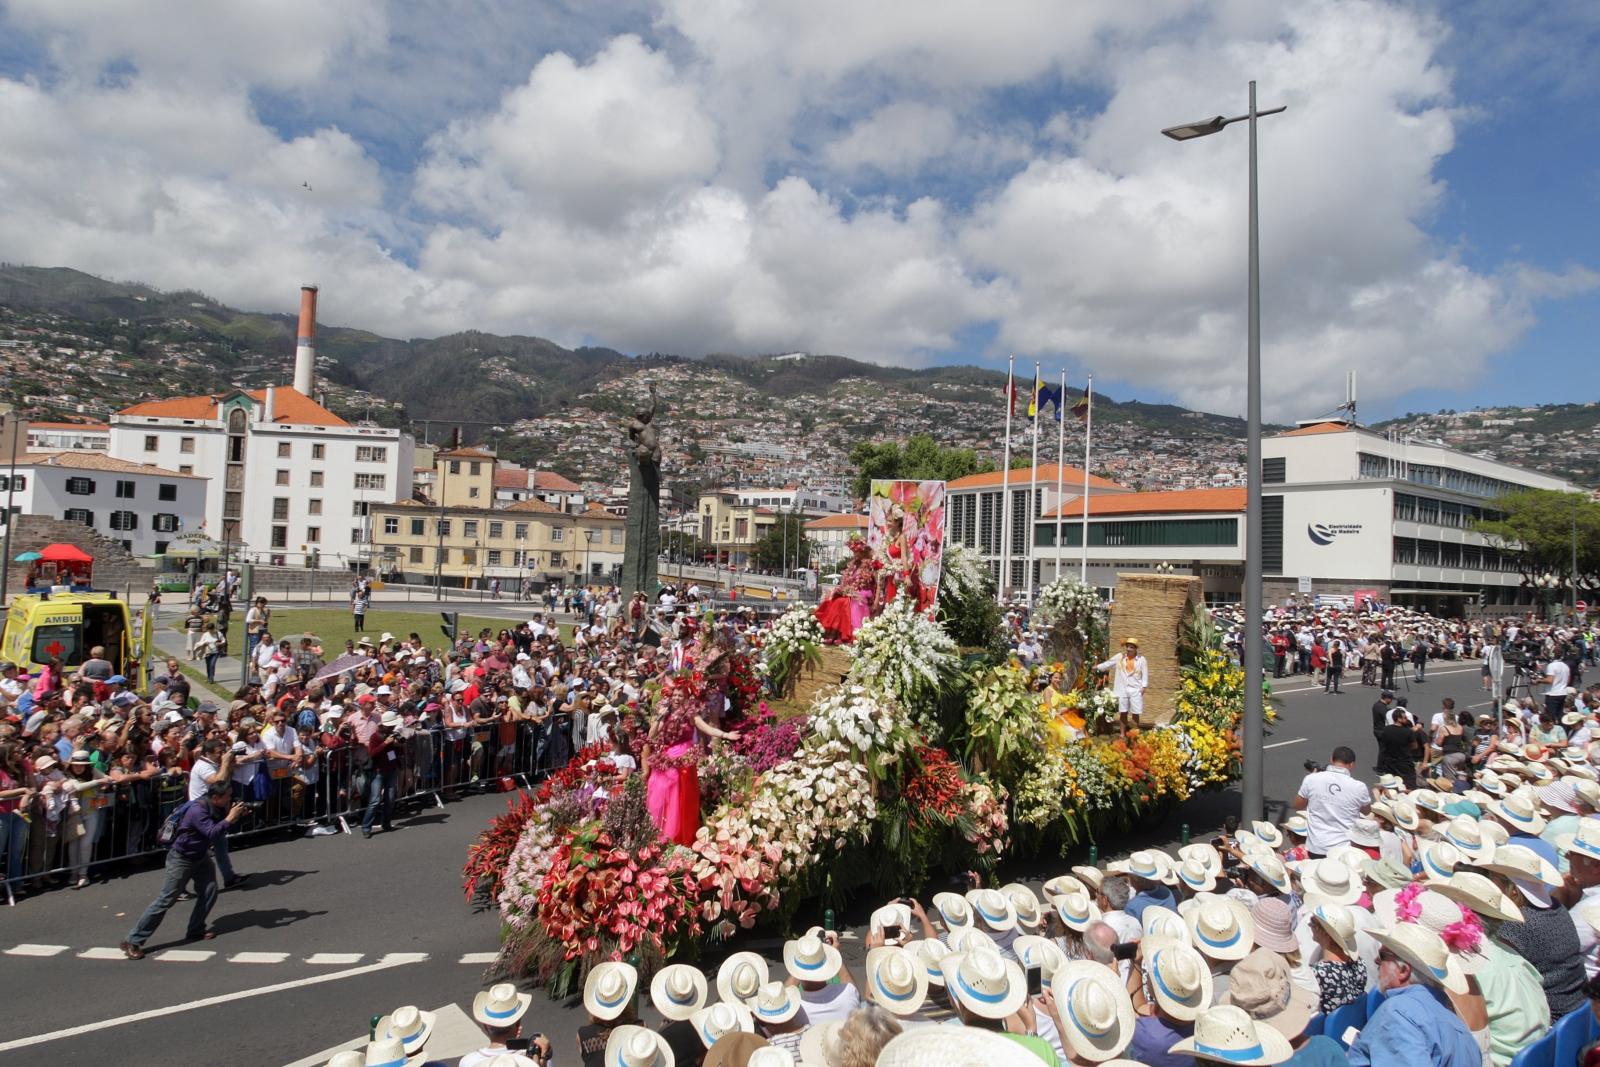 Ludzie uczestniczą w Paradzie Kwiatów  na Maderze, Portugalia.